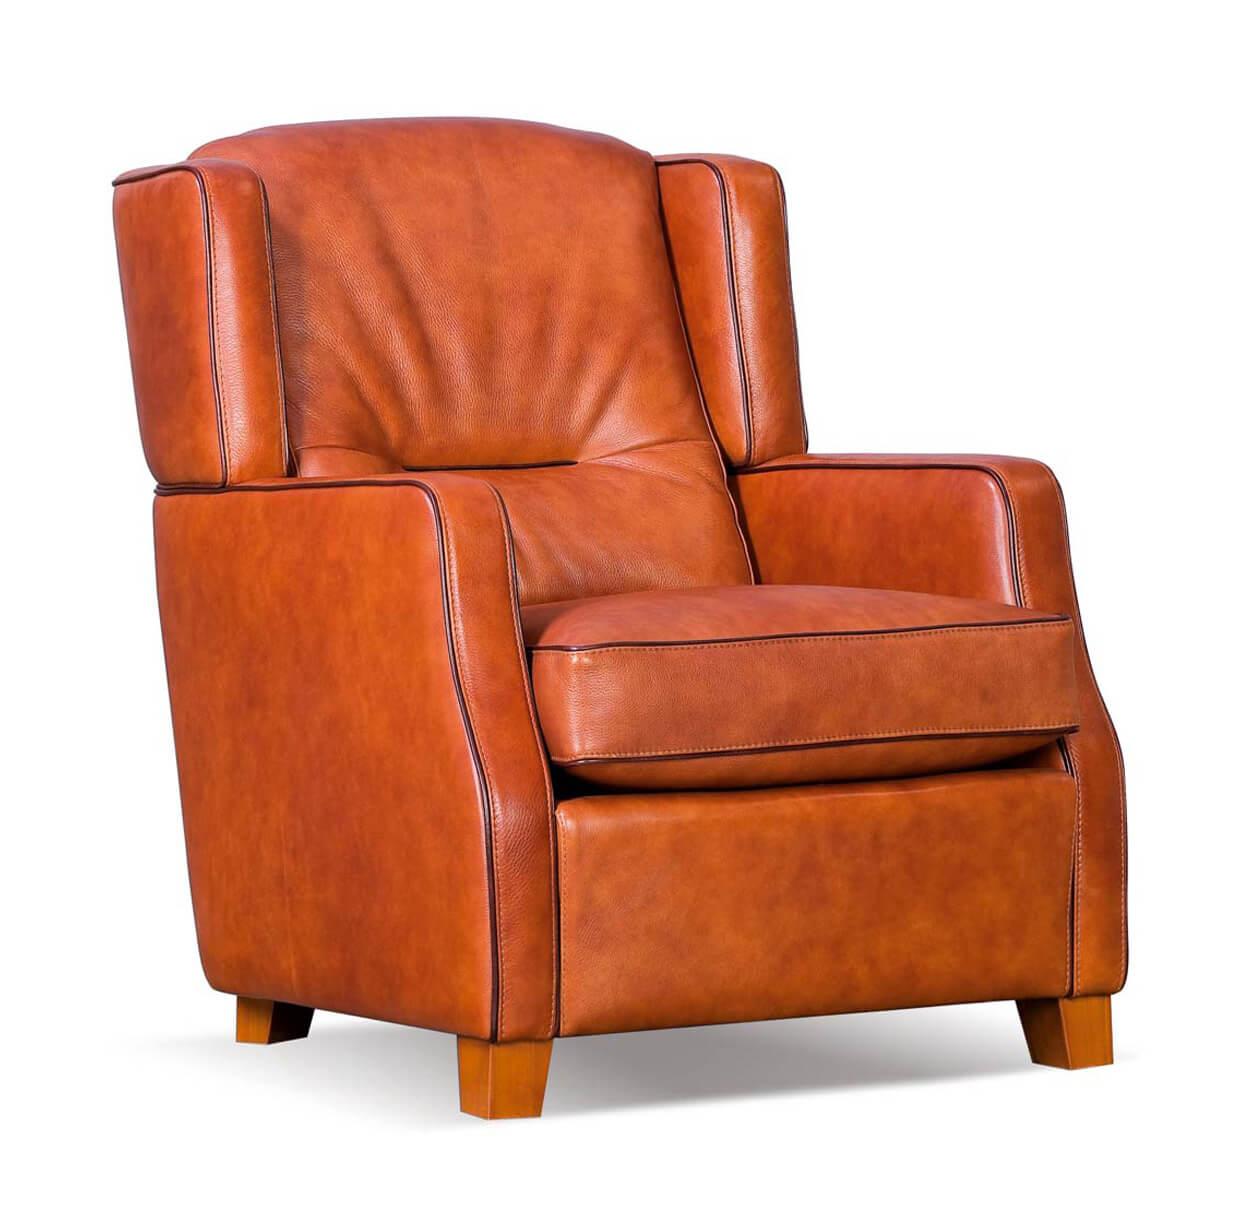 Elephant fauteuil - Mulleman Meubelen